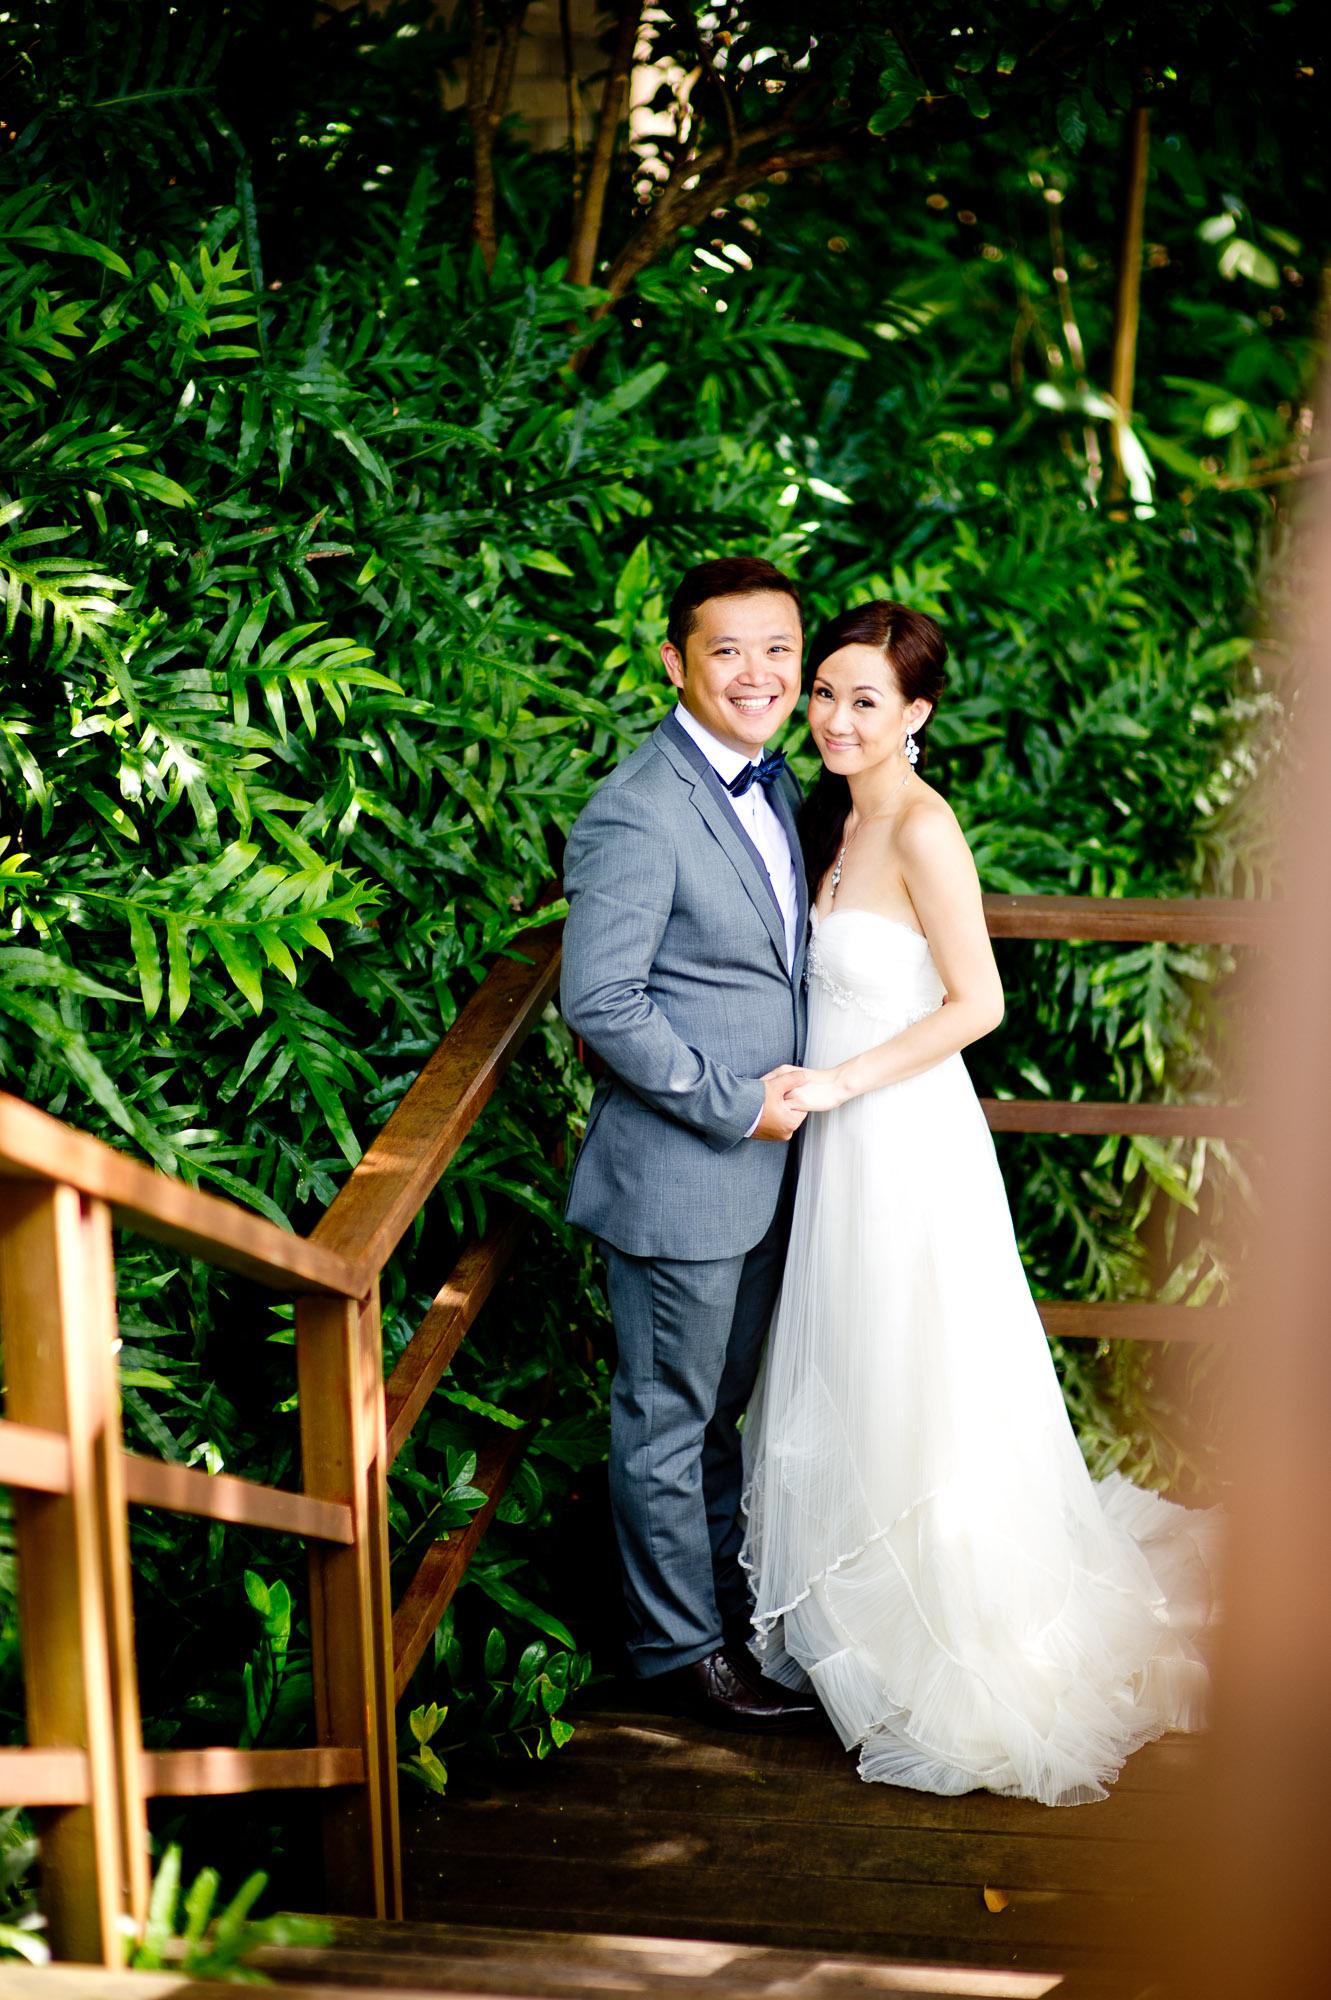 ภาพคู่แต่งงานที่ ภารีสารีสอร์ท ภูเก็ต   Paresa Resort Phuket Thailand Post-Wedding